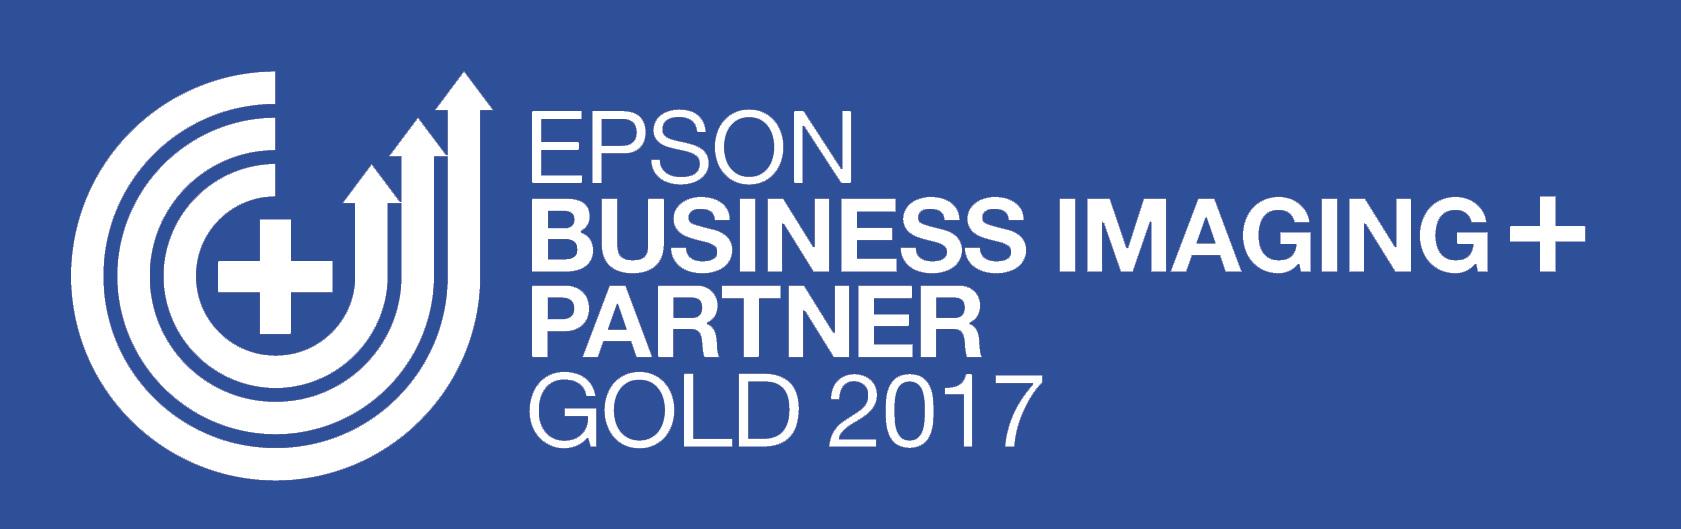 Epson Bussiness Imagin+ Partner